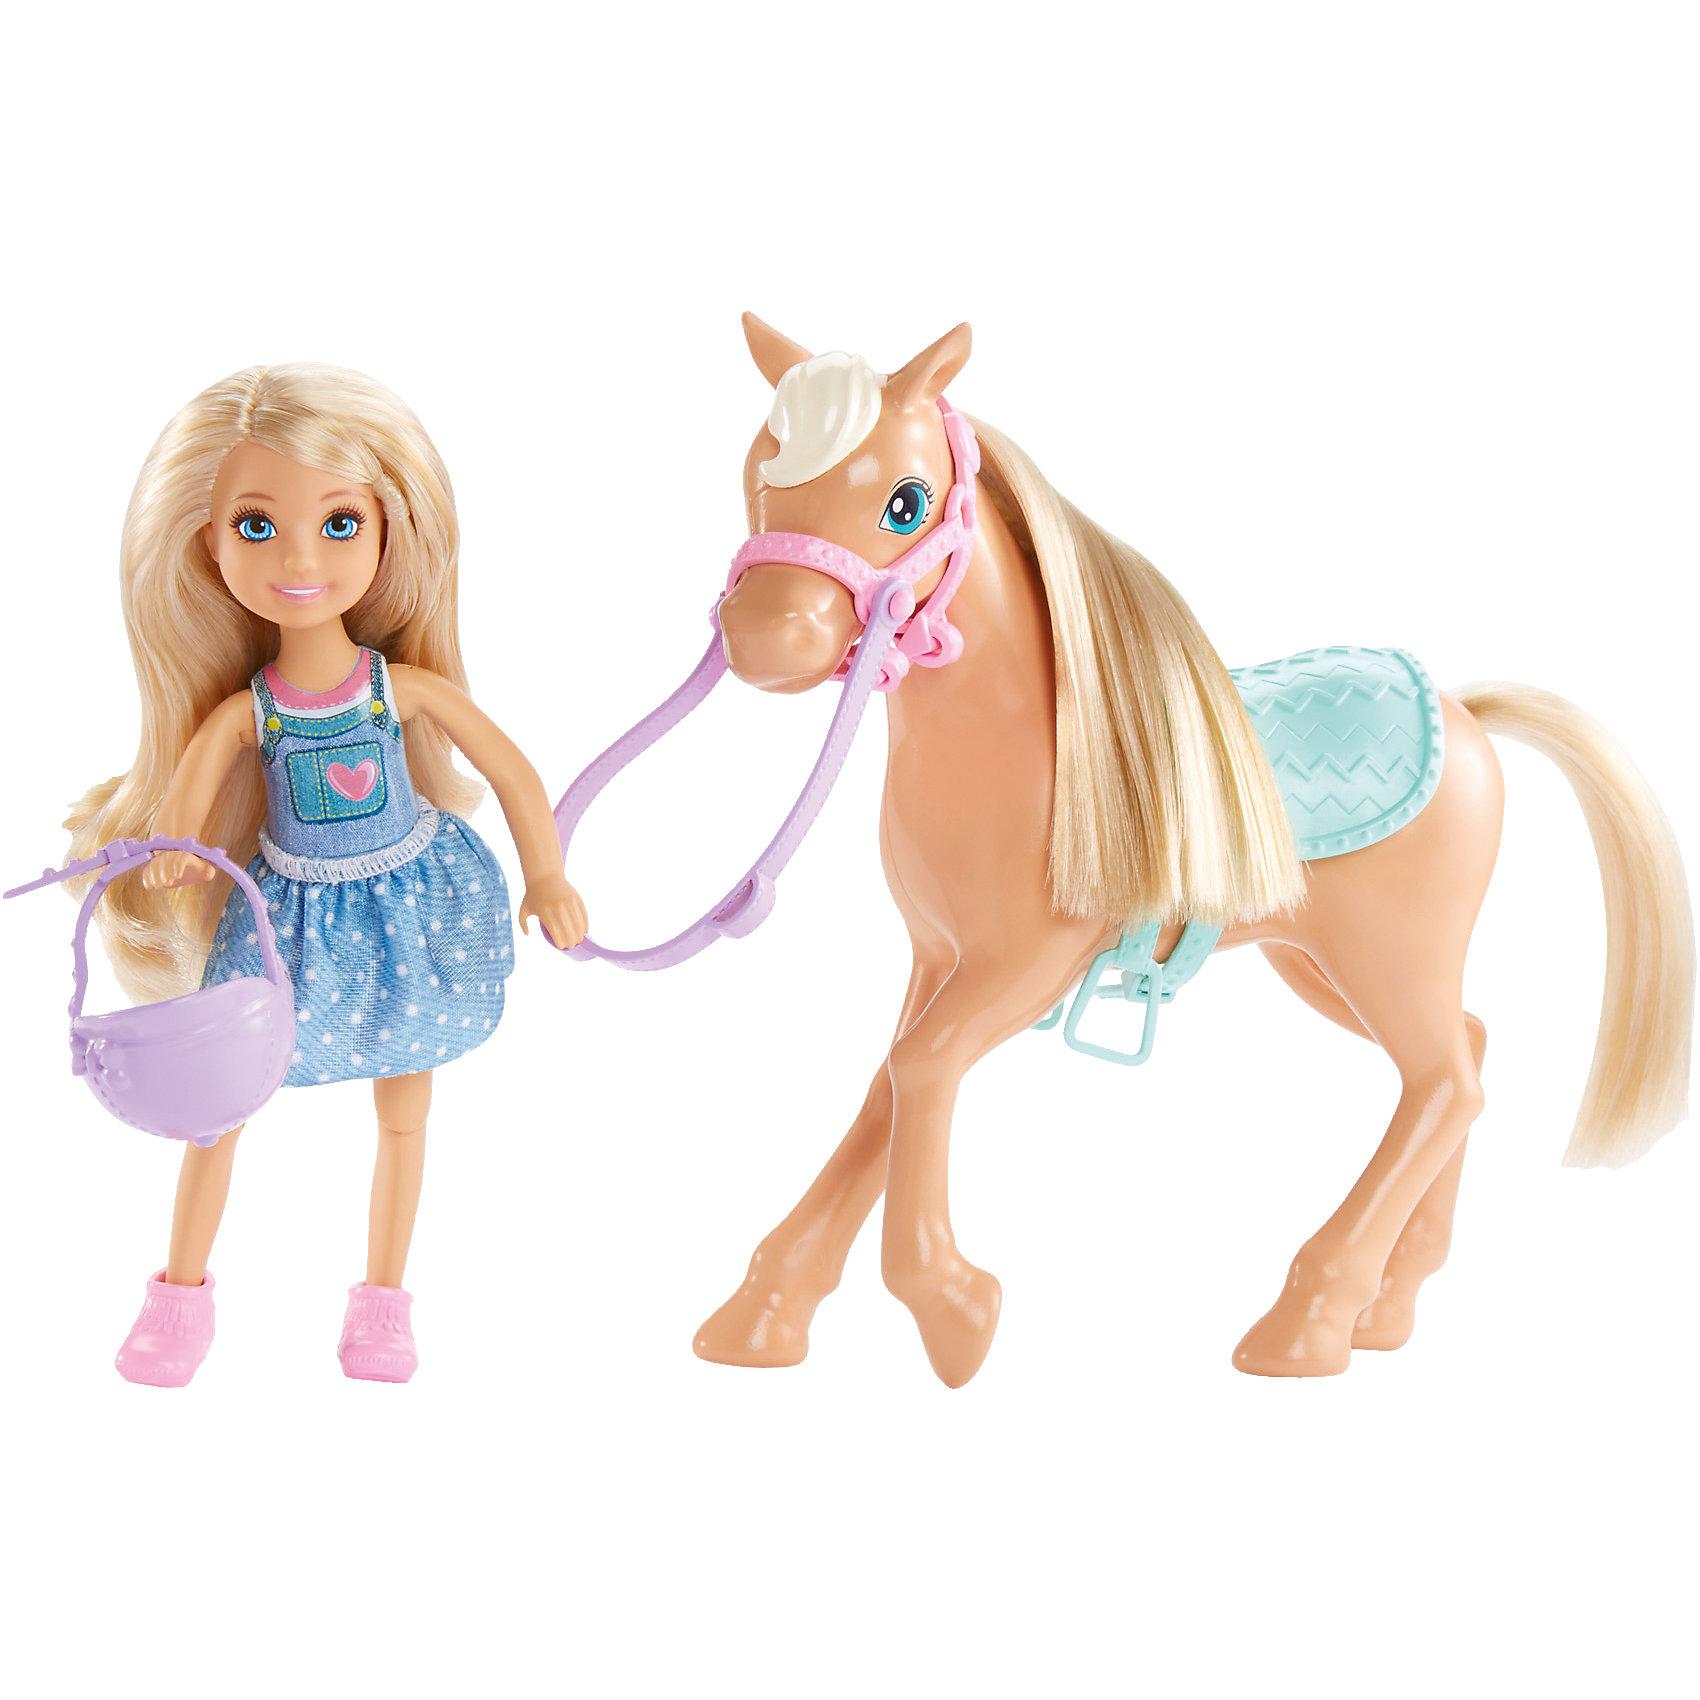 Кукла Челси и пони, BarbieBarbie<br>Кукла Челси и пони, Barbie (Барби)<br><br>Характеристики:<br><br>• куклу и пони можно причесывать<br>• в комплекте: кукла, пони, шлем<br>• материал: пластик, текстиль<br>• размер упаковки: 25х23х7 см<br>• высота куклы: 14 см<br>• высота пони: 15 см<br>• вес: 235 грамм<br><br>Посмотрите на эту веселую красавицу. Она очень рада встрече с любимой лошадкой и готова кататься на ней снова и снова! Для этого милашка Челси надела легкое платье и взяла с собой красивый и практичный шлем. После прогулки гриву и хвост пони можно причесать и даже создать красивую прическу. Прекрасный набор для веселых игр!<br><br>Куклу Челси и пони, Barbie (Барби) вы можете купить в нашем интернет-магазине.<br><br>Ширина мм: 243<br>Глубина мм: 233<br>Высота мм: 66<br>Вес г: 224<br>Возраст от месяцев: 36<br>Возраст до месяцев: 72<br>Пол: Женский<br>Возраст: Детский<br>SKU: 5257138